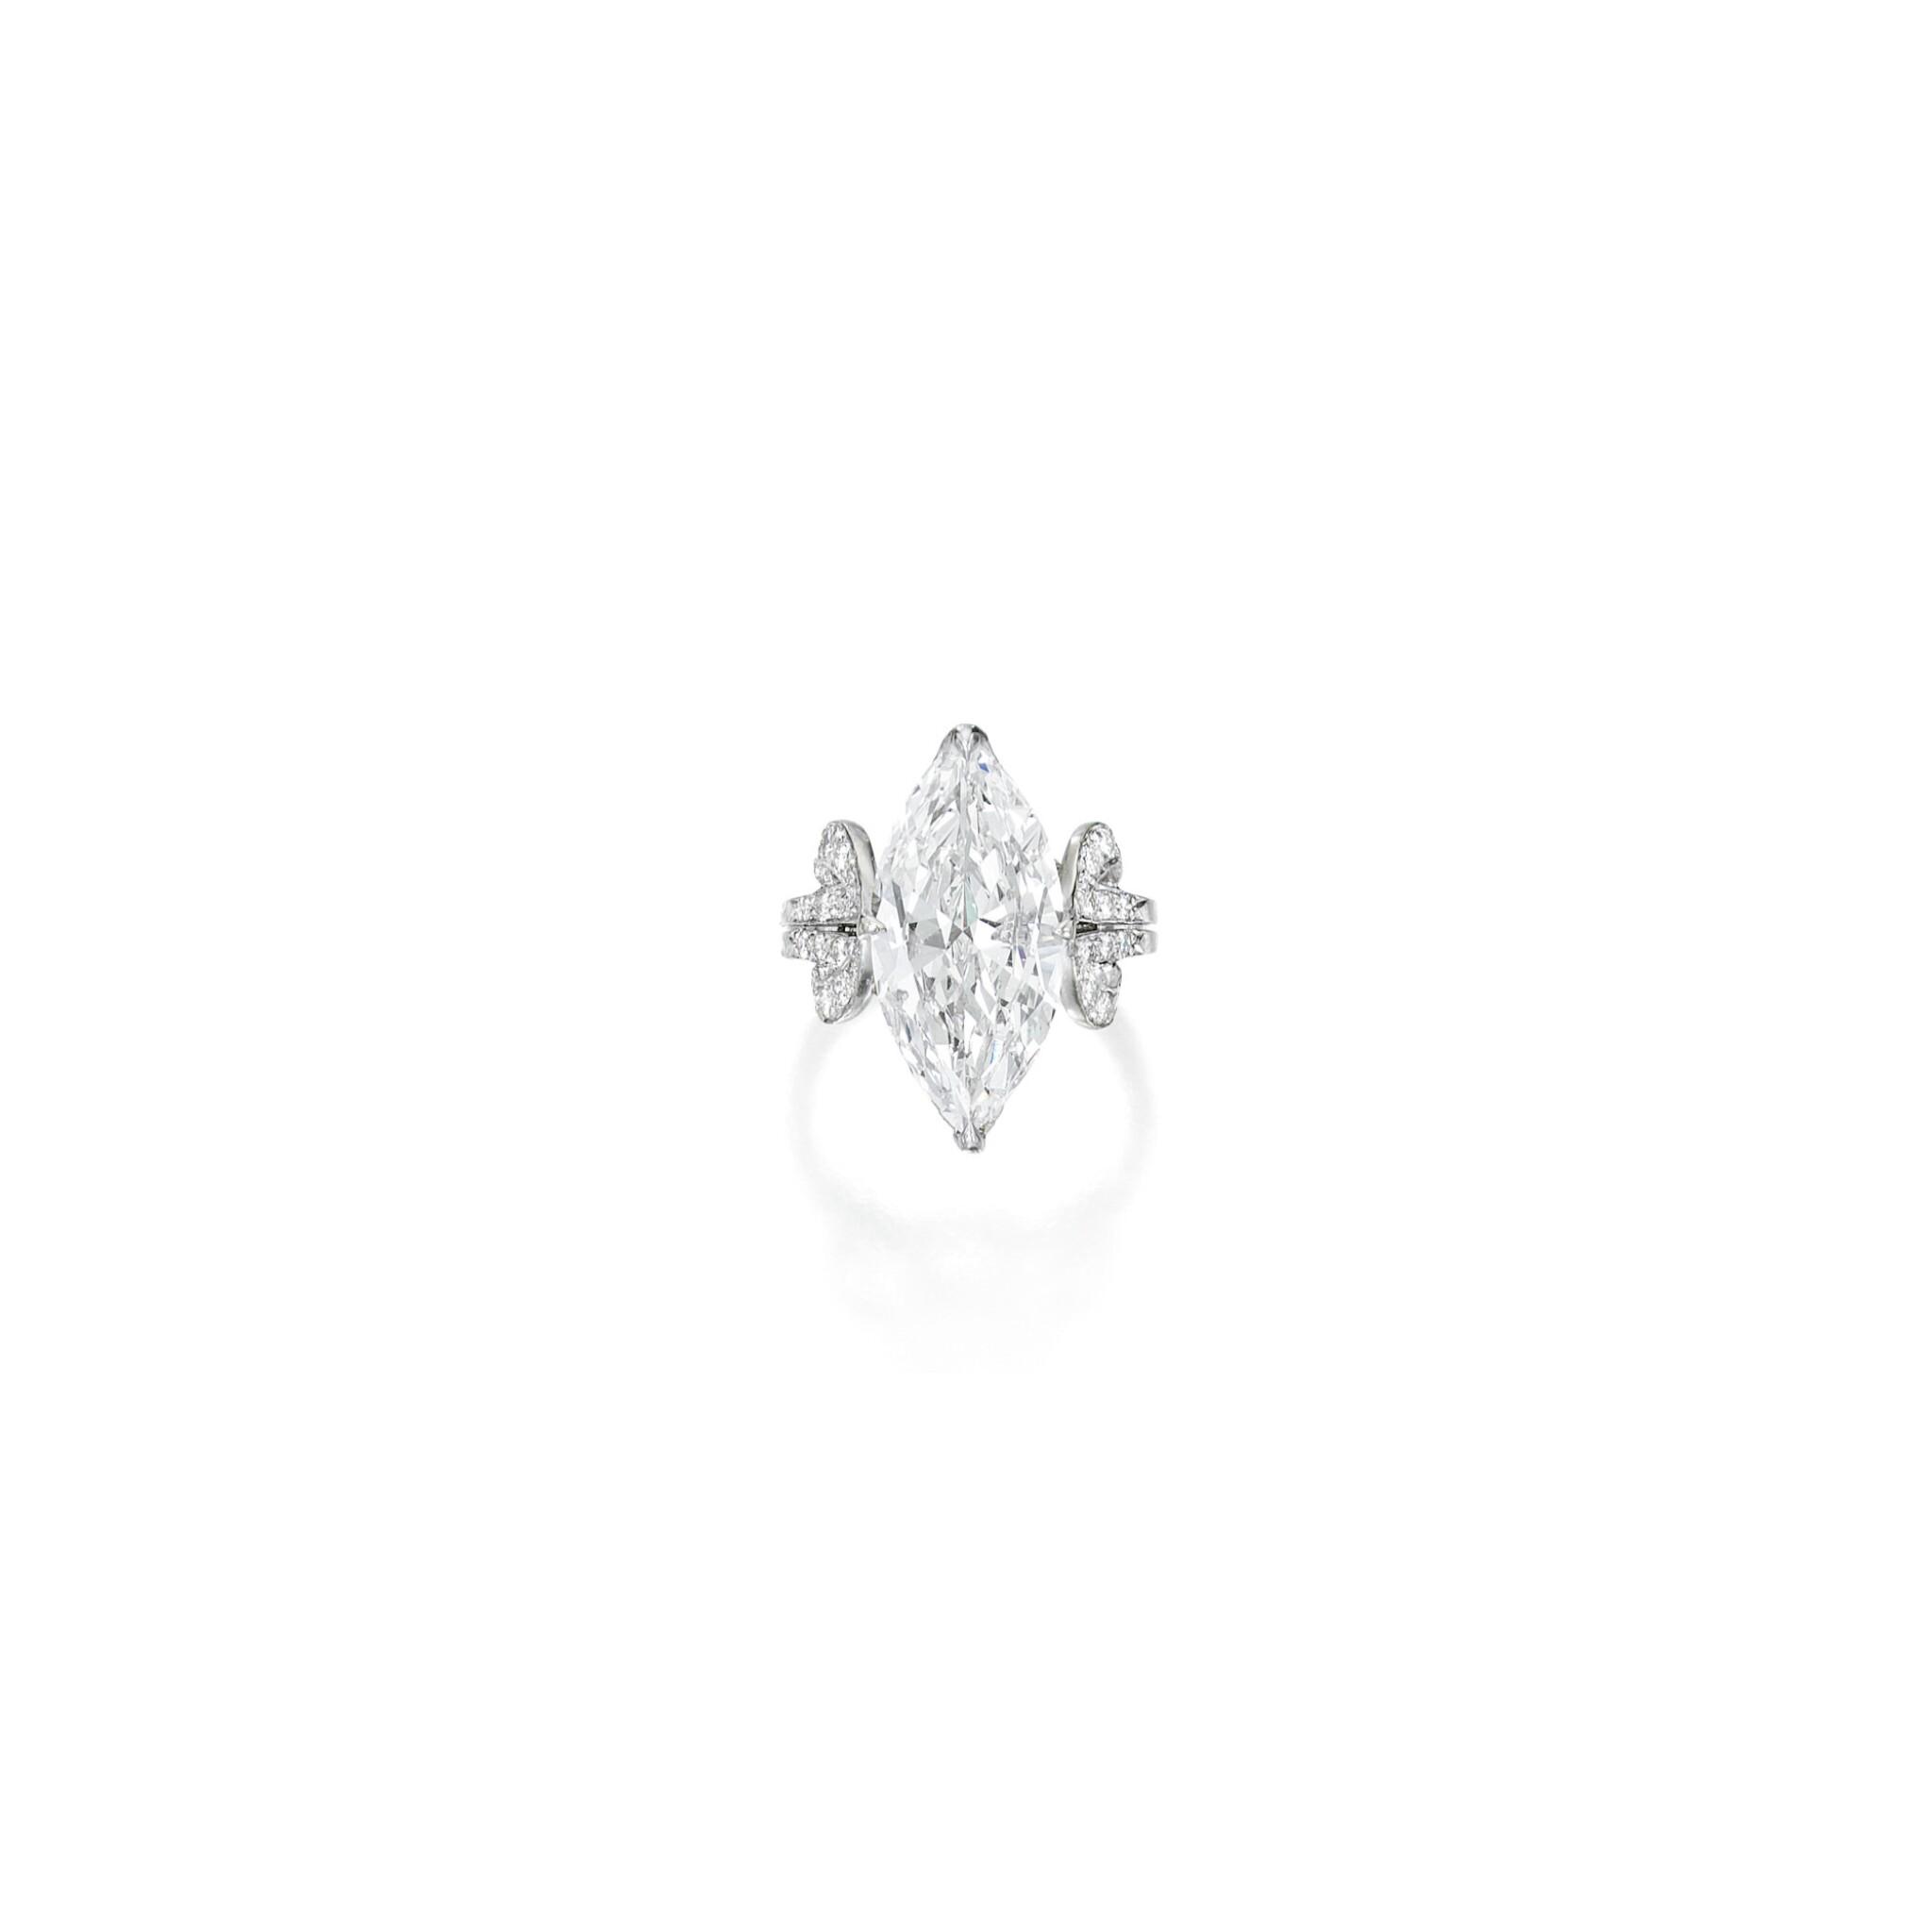 View full screen - View 1 of Lot 601. DIAMOND RING, VERDURA   鑽石戒指,Verdura.